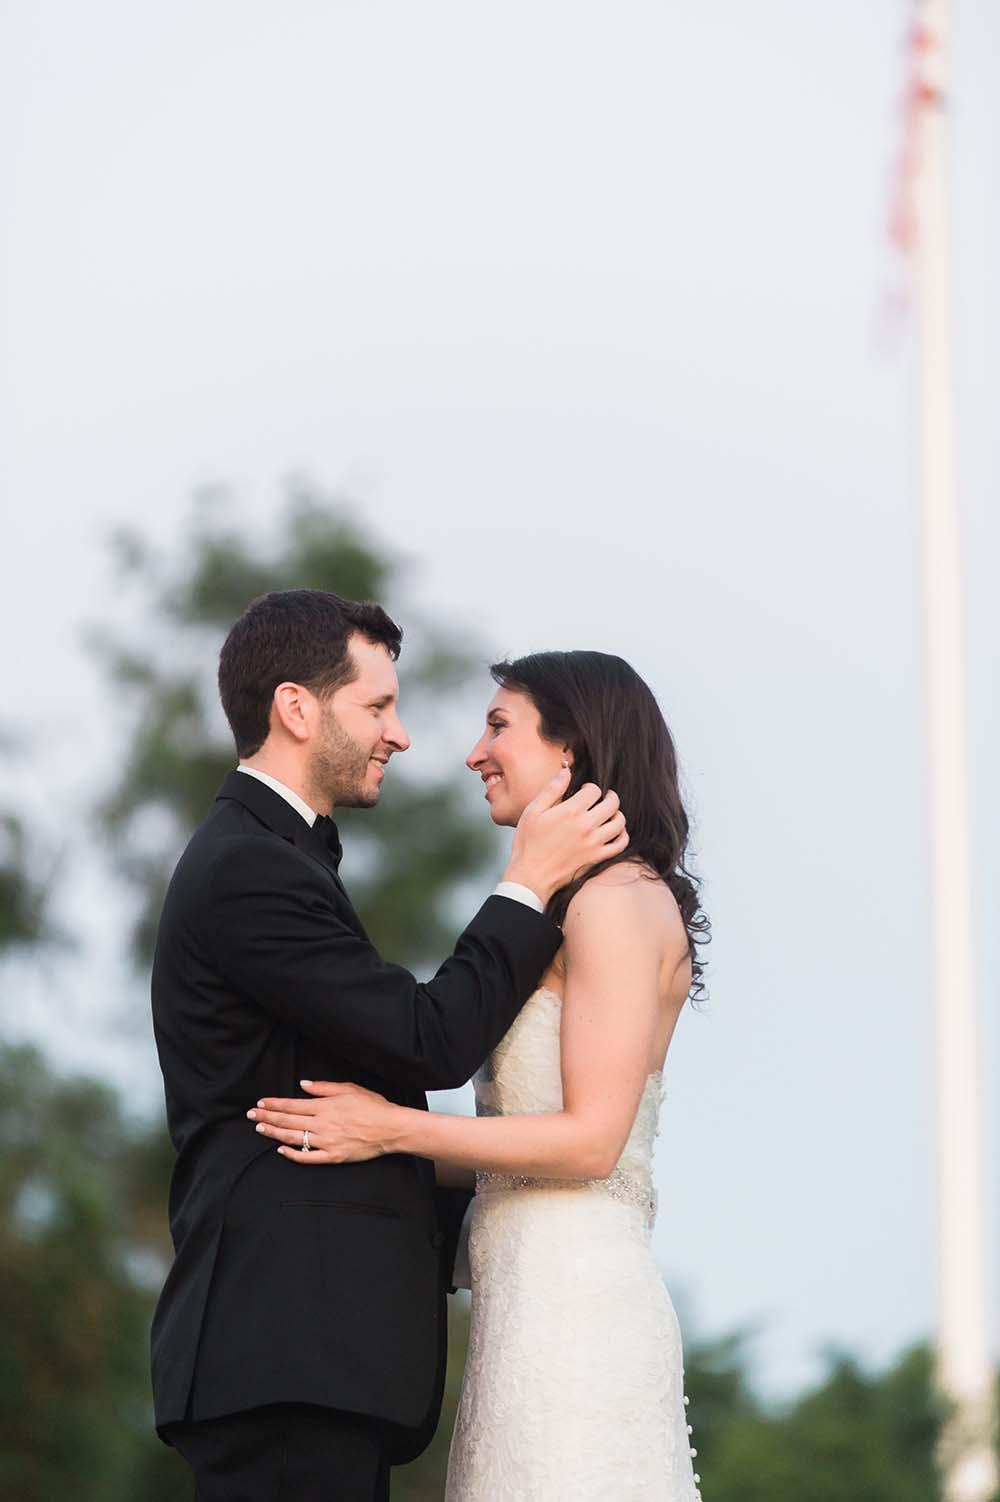 farmington-gardens-wedding-greg-lewis-photography-45-1